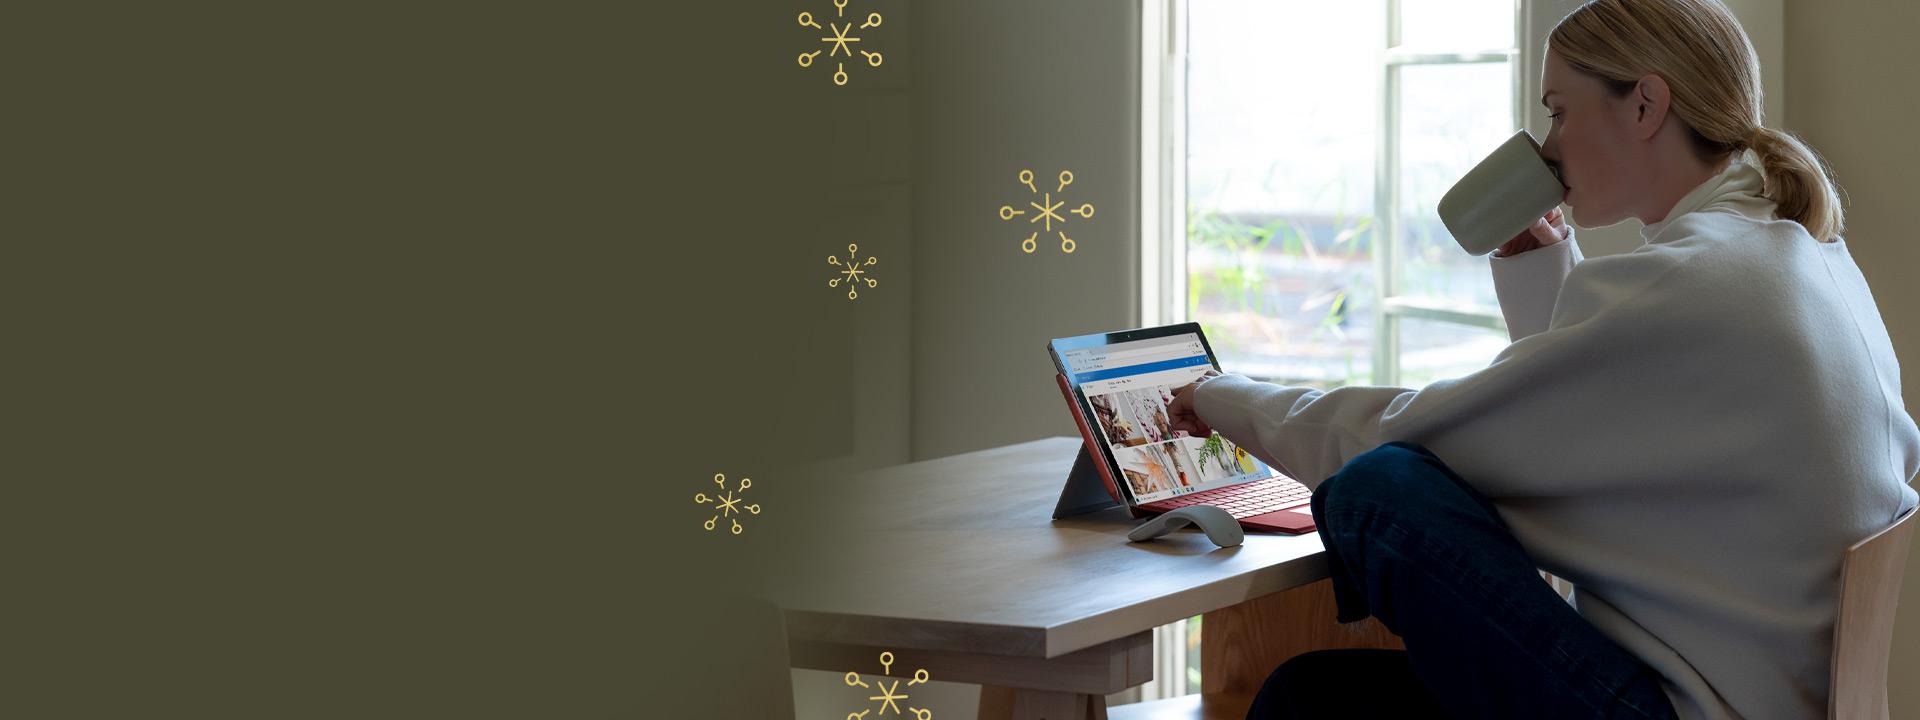 Persoon met Surface Pro7 aan een tafel